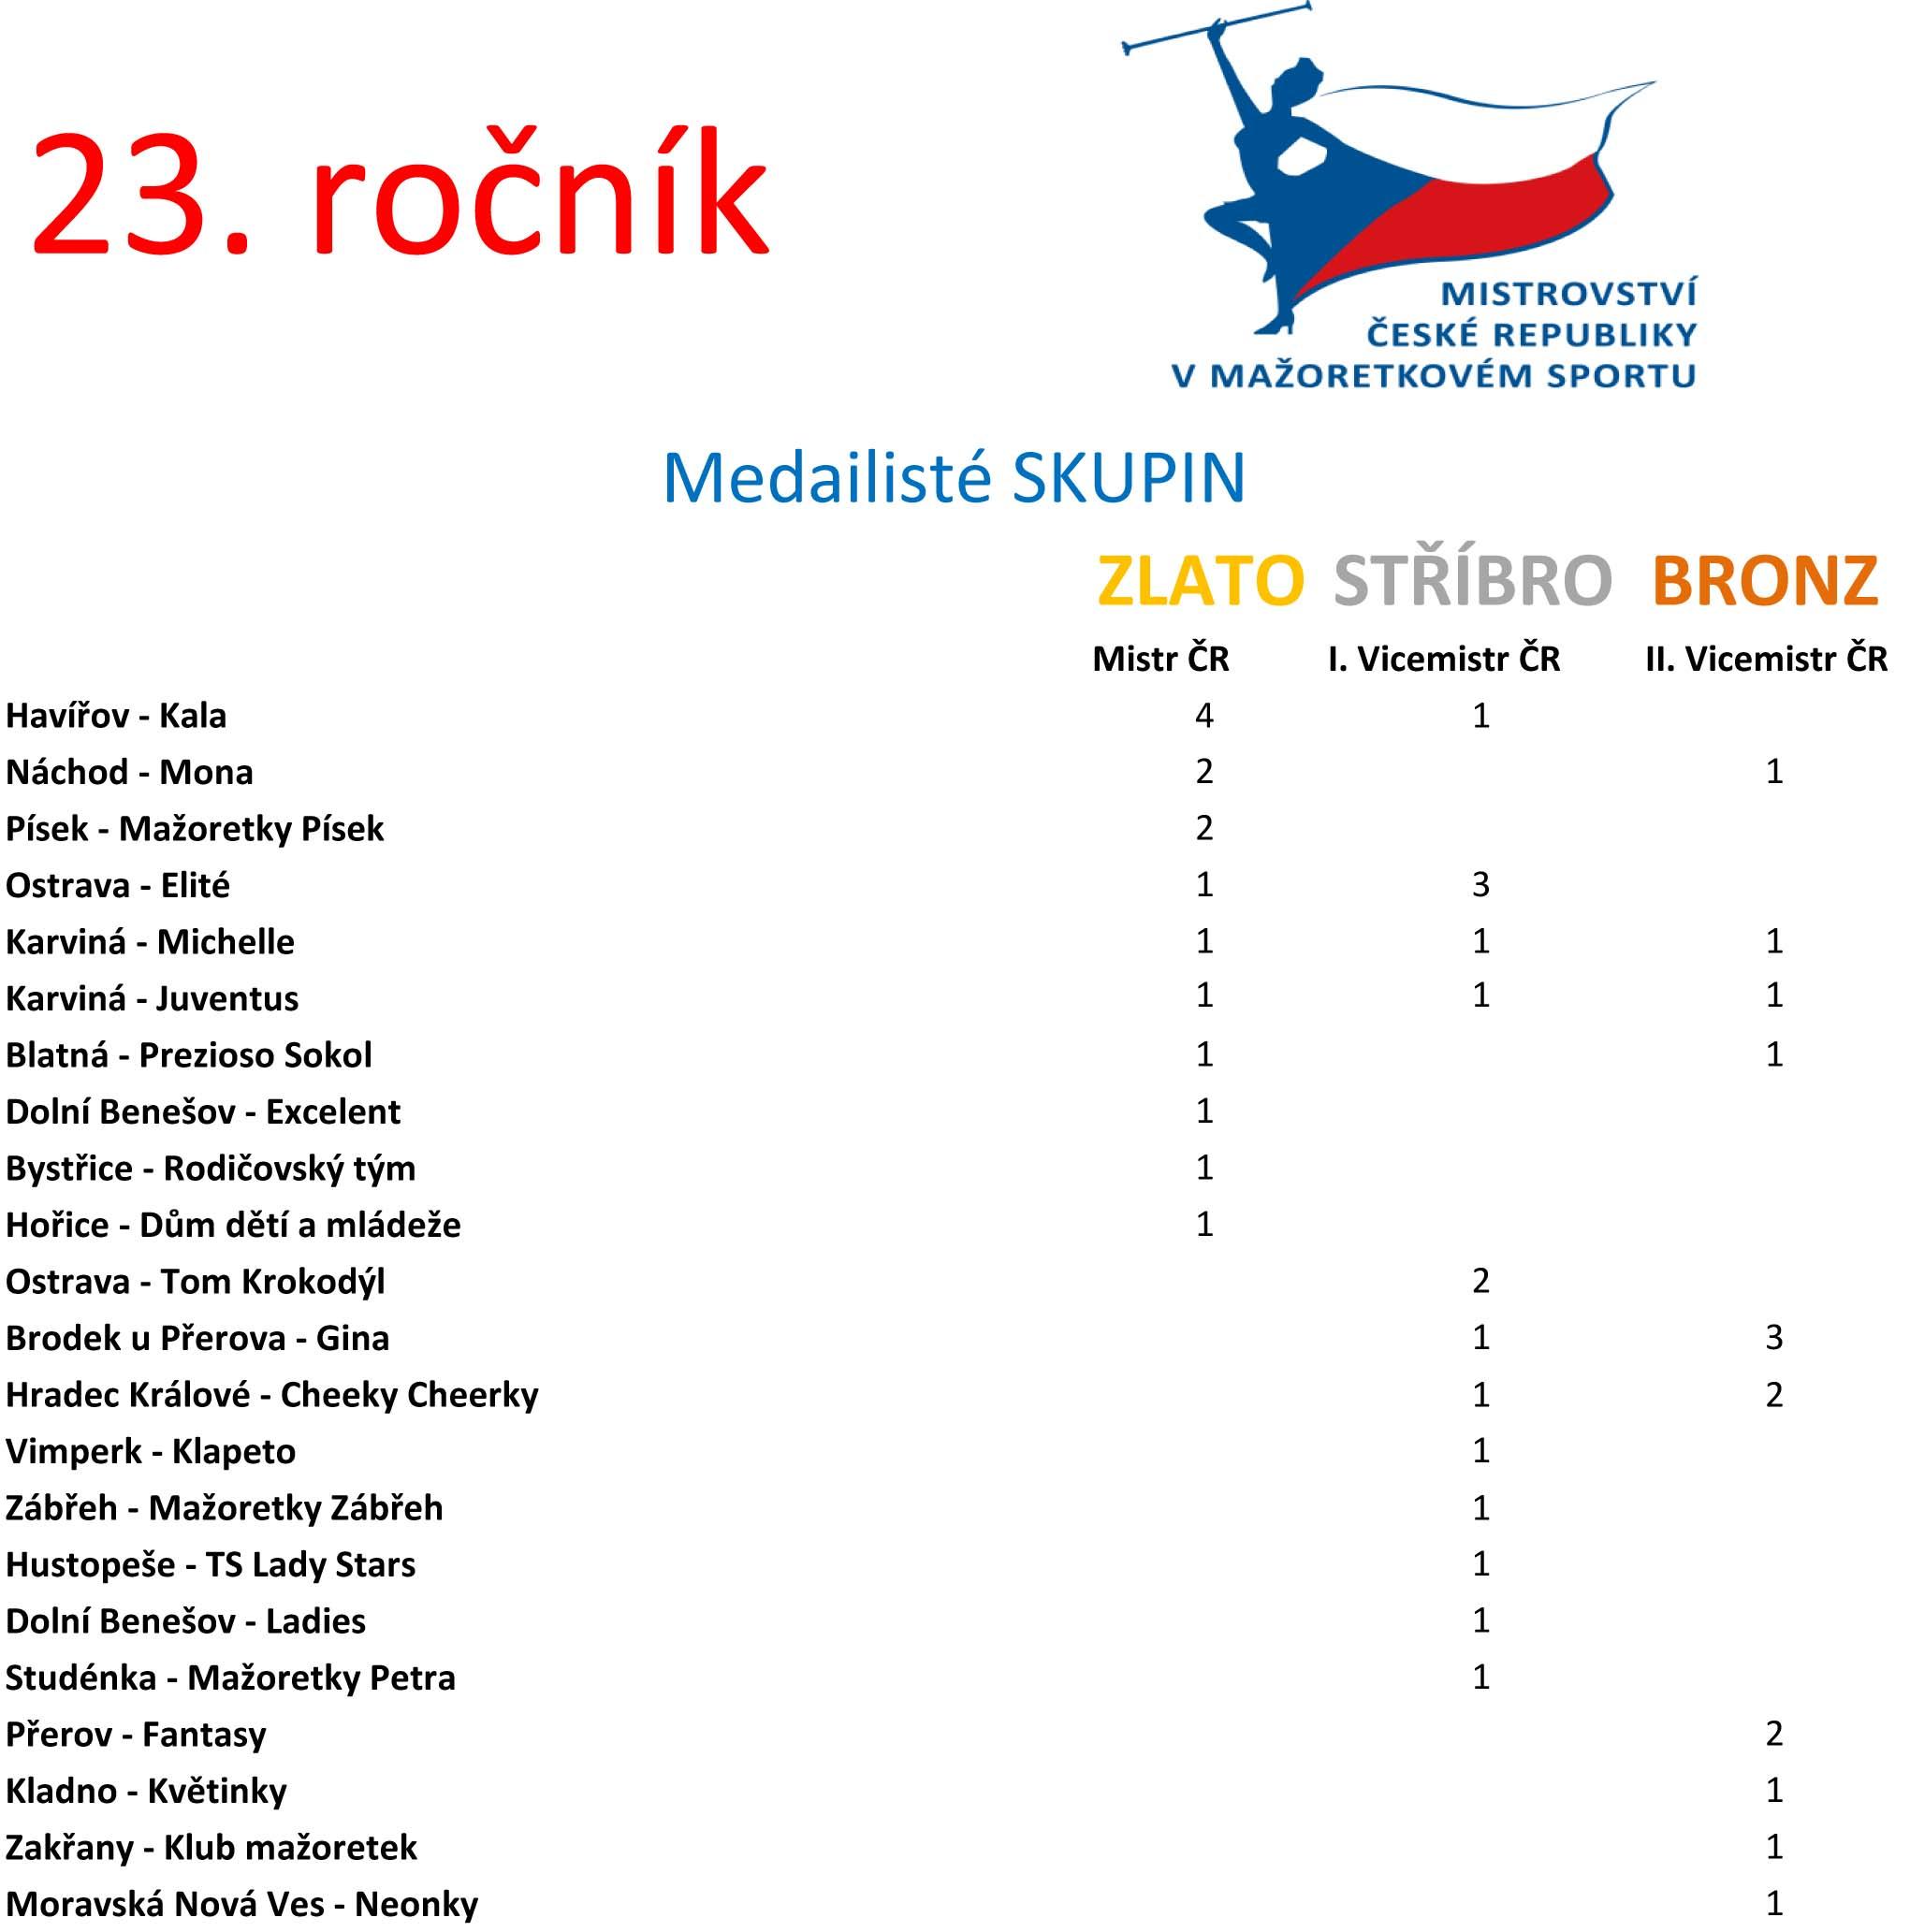 Úspěšnost klubů skupin - seřazeno podle získaných medailí